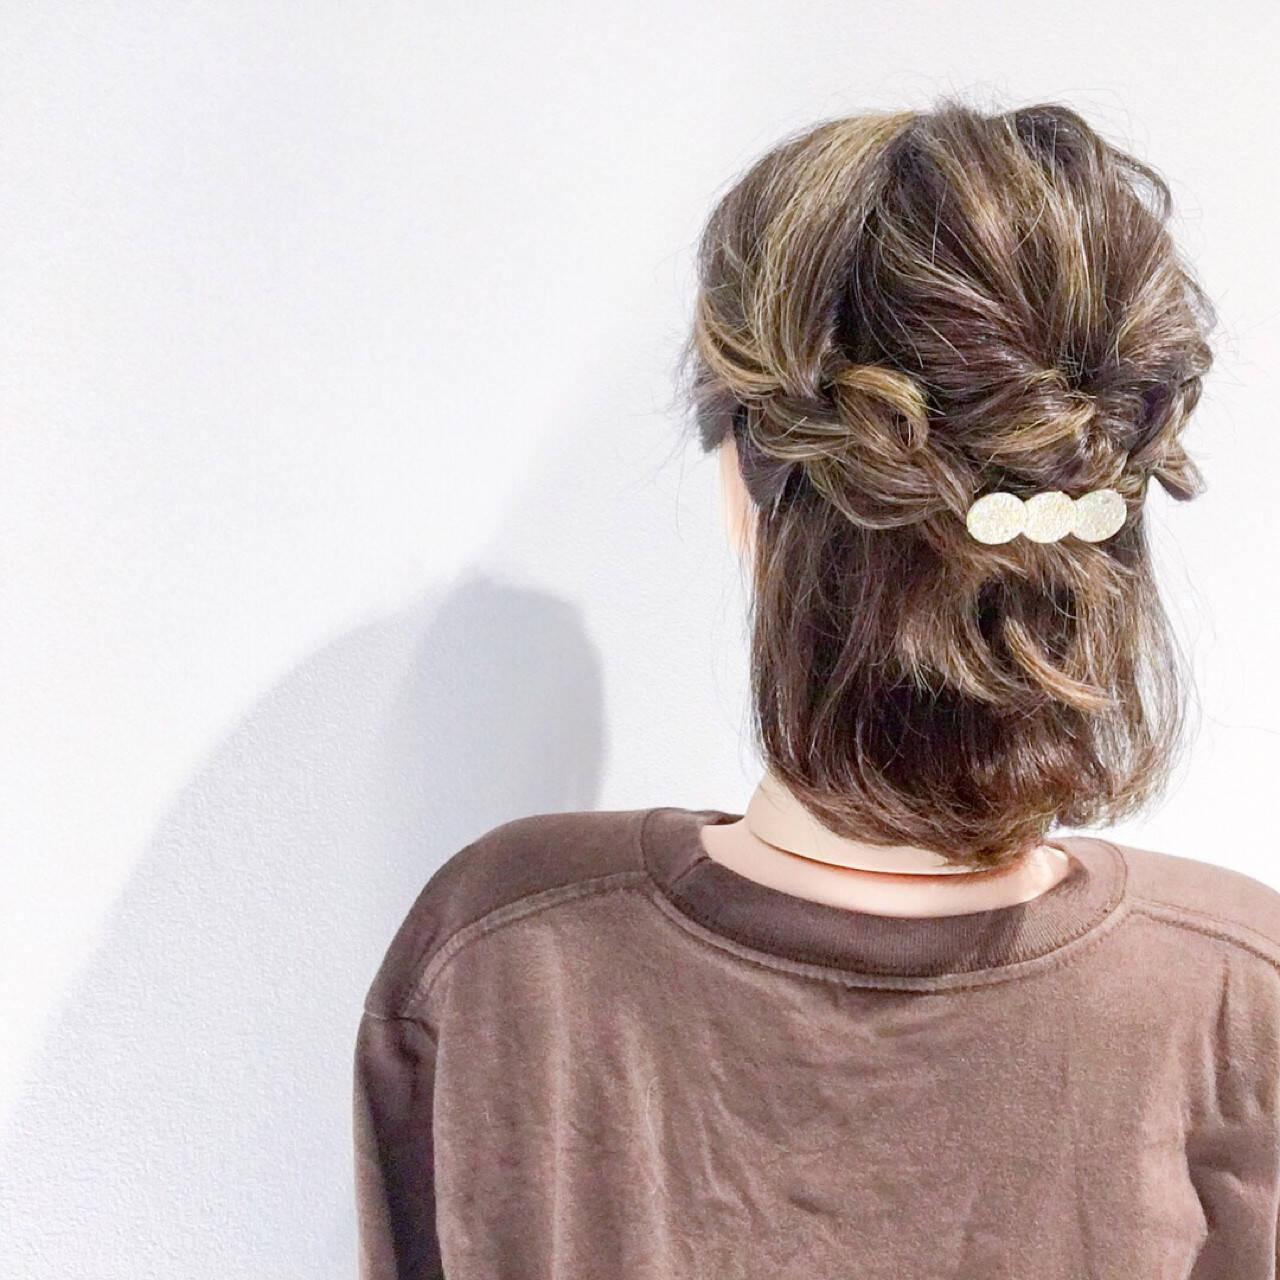 ヘアアレンジ アウトドア デート 簡単ヘアアレンジヘアスタイルや髪型の写真・画像